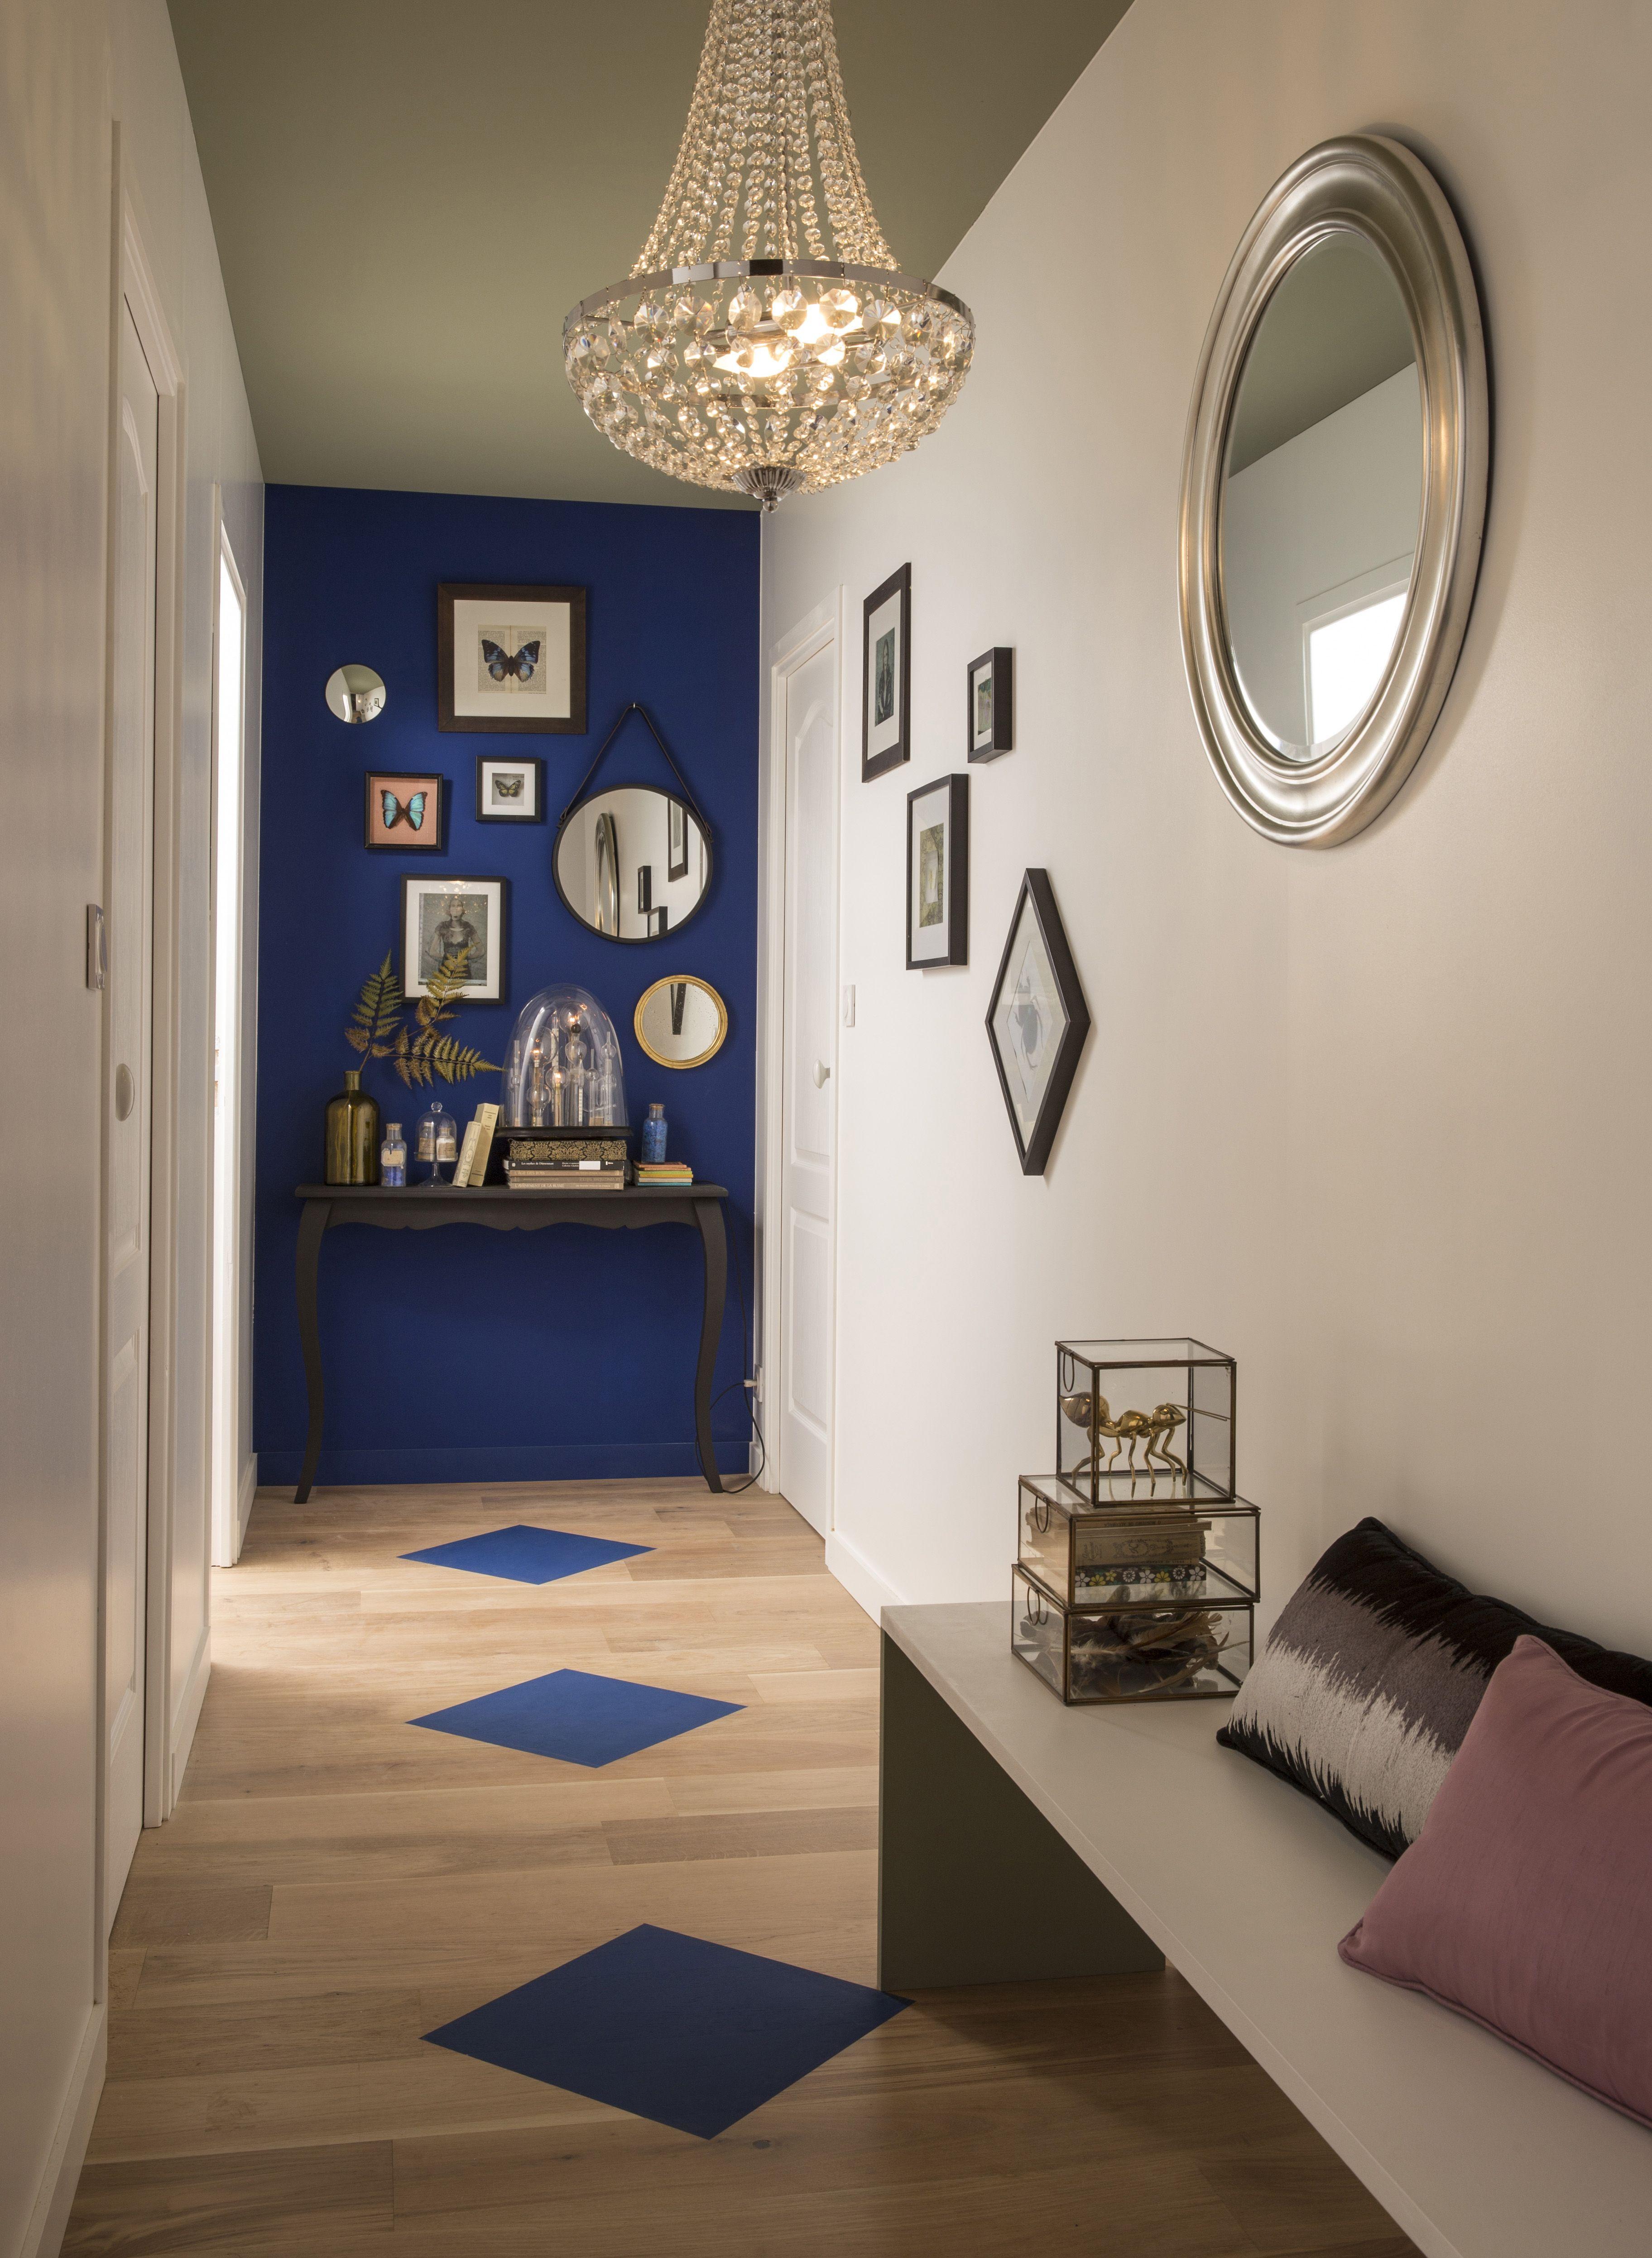 le couloir peut aussi tre con u comme un minisalon un. Black Bedroom Furniture Sets. Home Design Ideas